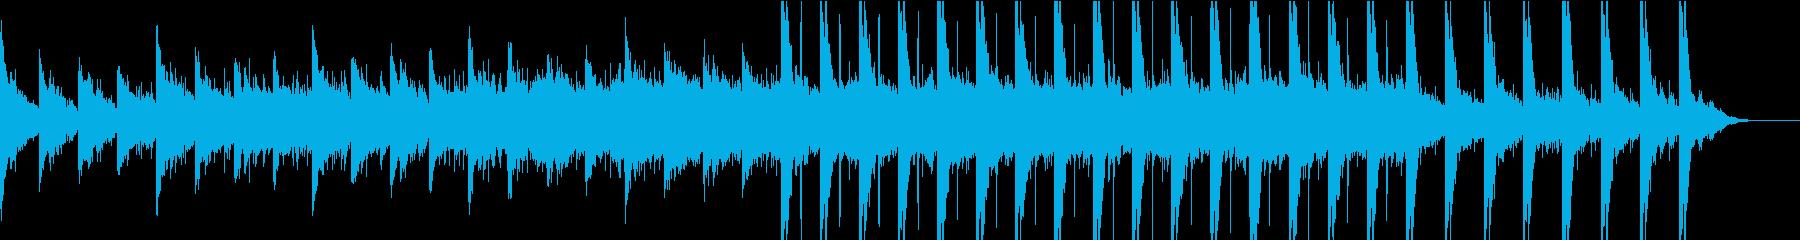 ゆったりとした草原の上で寝転ぶBGMの再生済みの波形